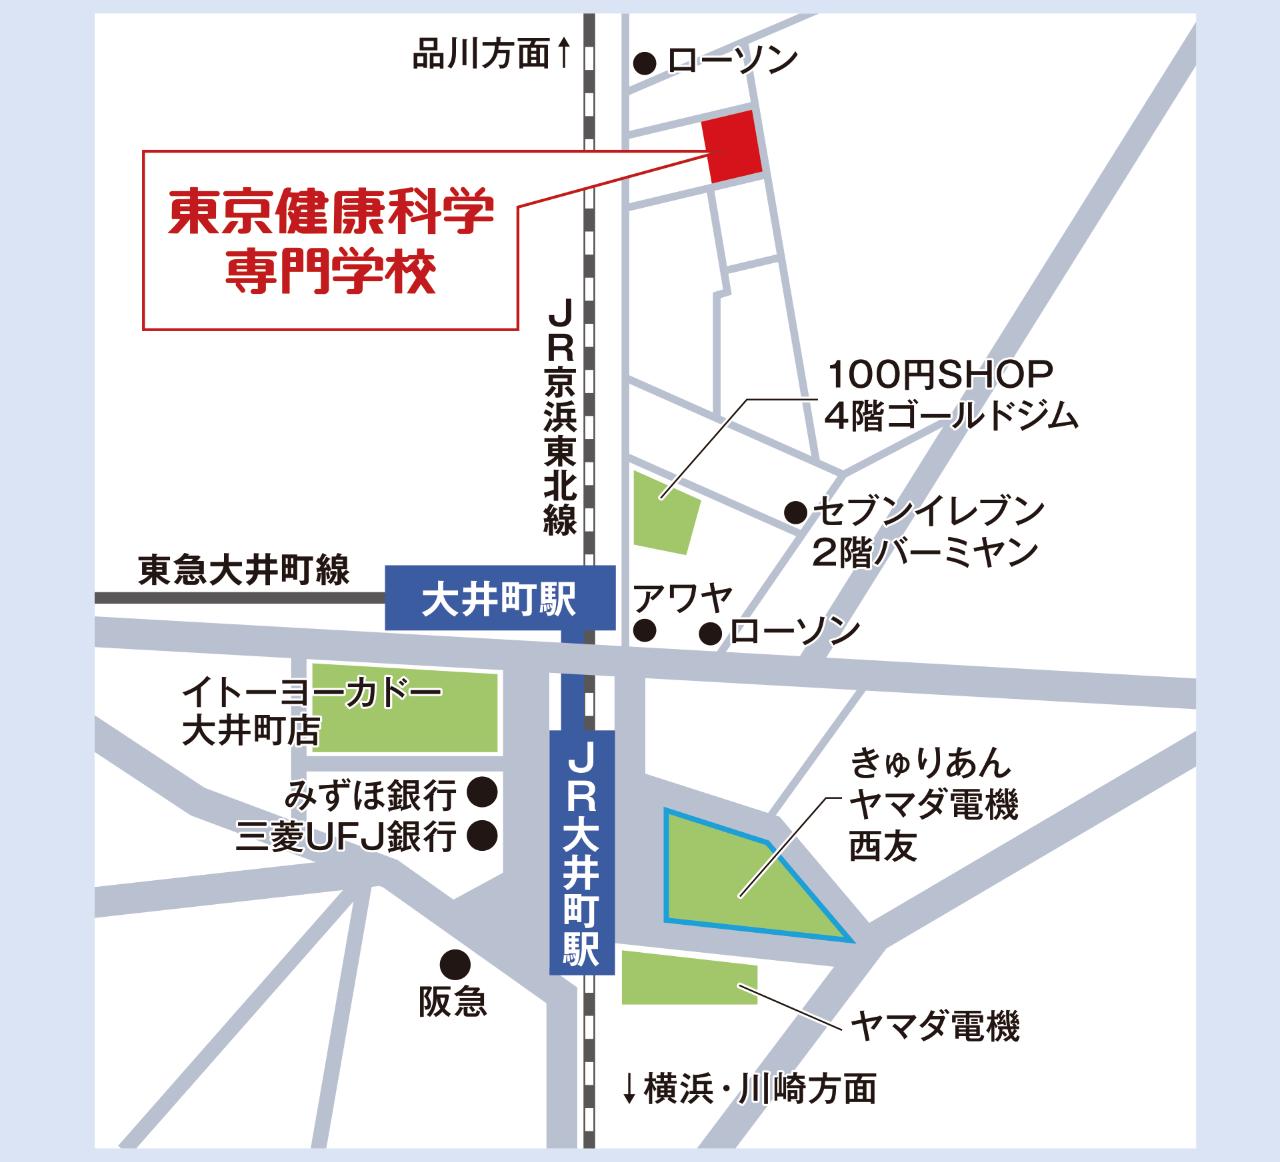 東急・JR大井町駅より徒歩5分